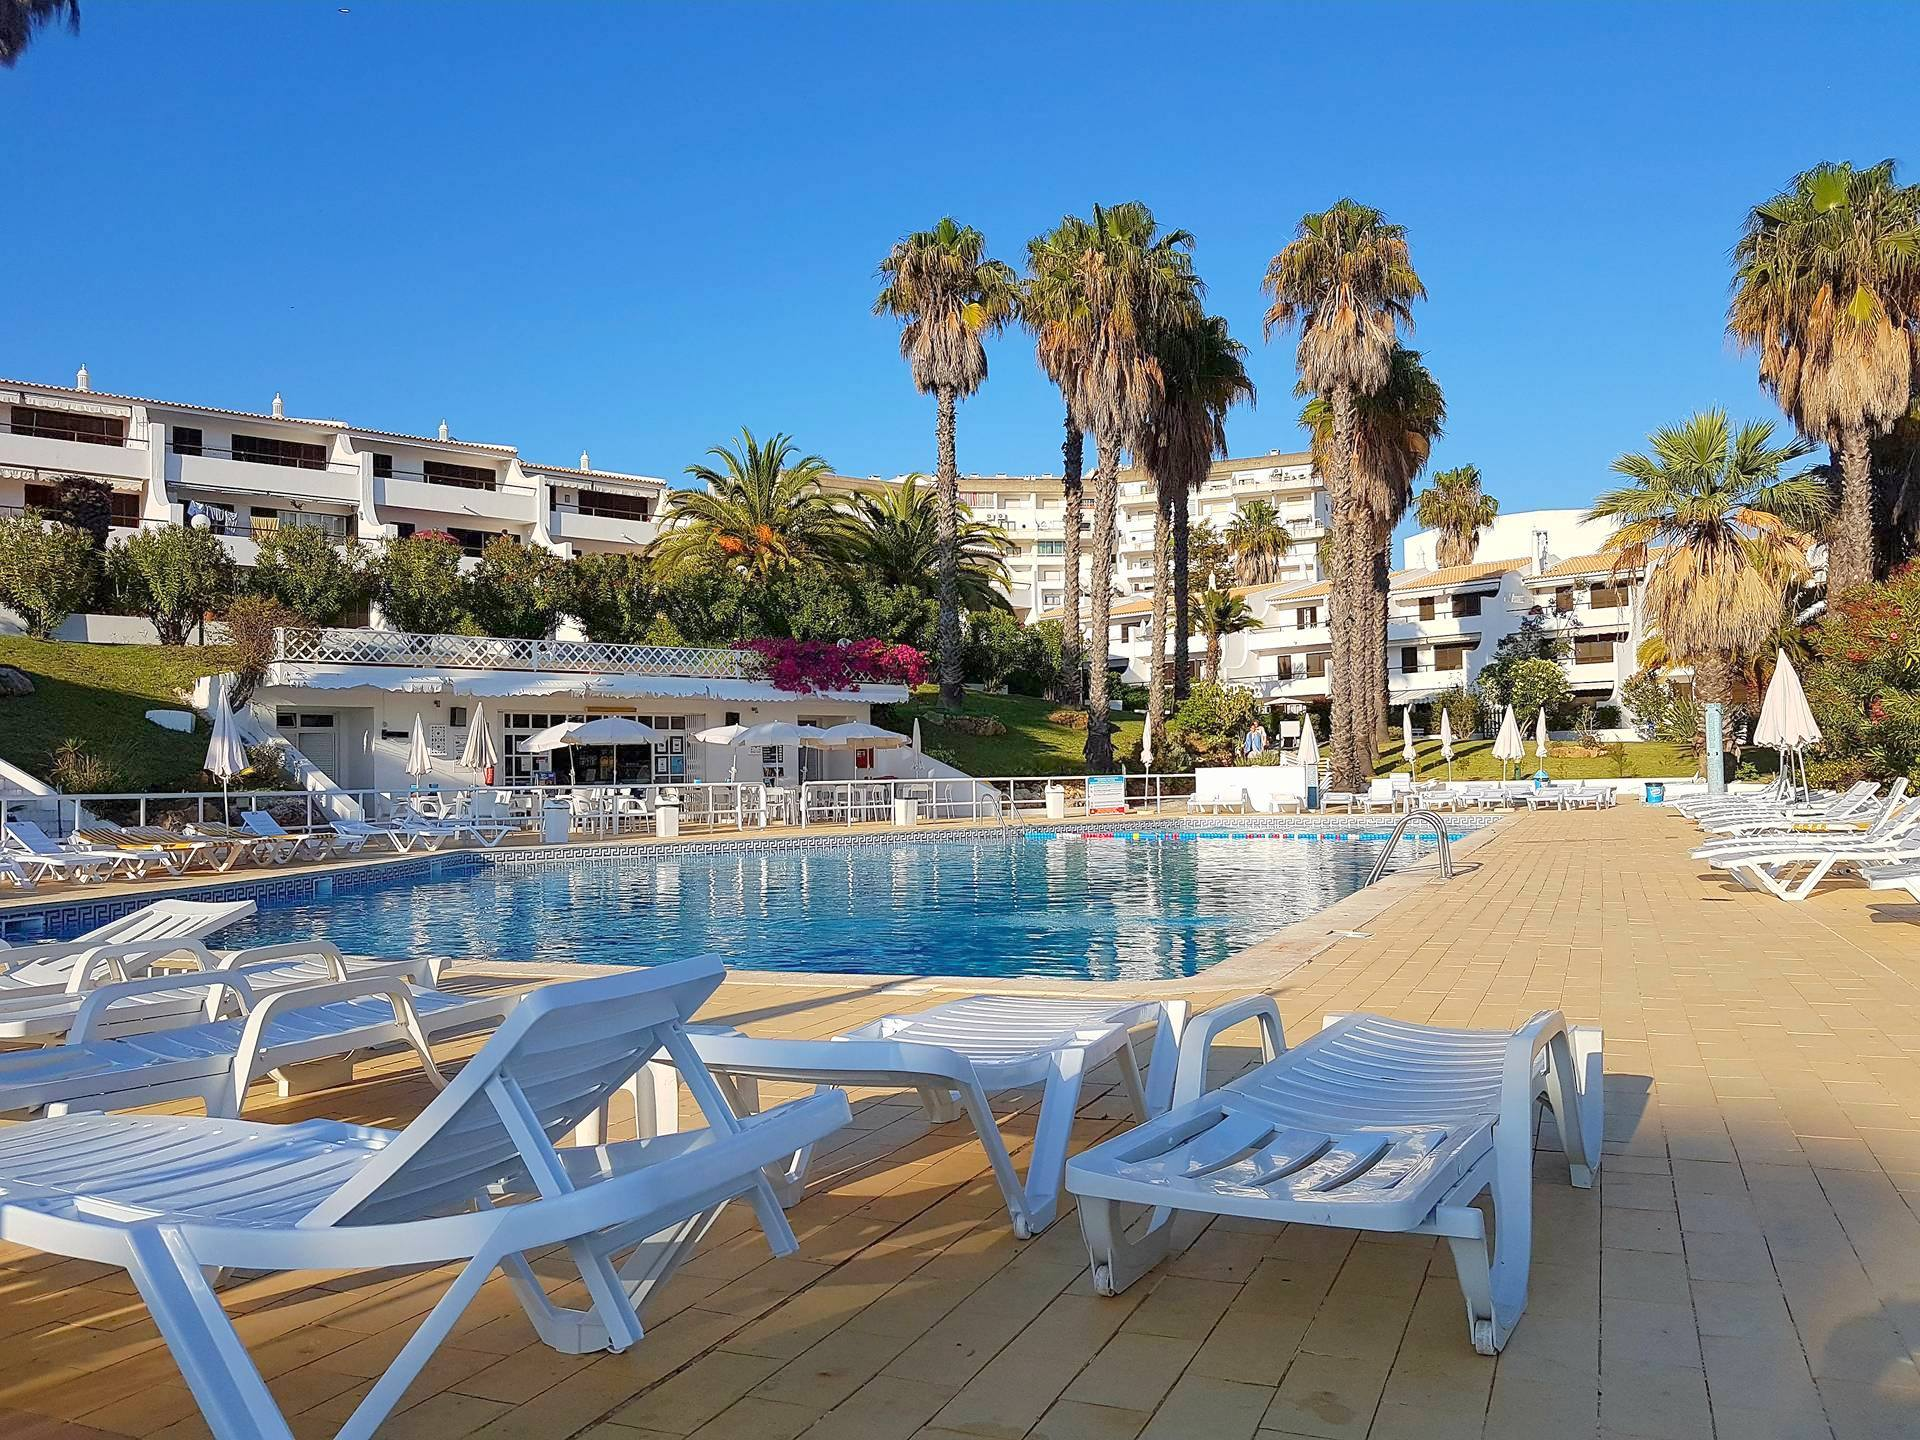 Apartamentos e moradias para alugar, Appart 2 chambres – piscine et tennis – Albufeira em Albufeira, Portugal Algarve, REF_IMG_7166_8627